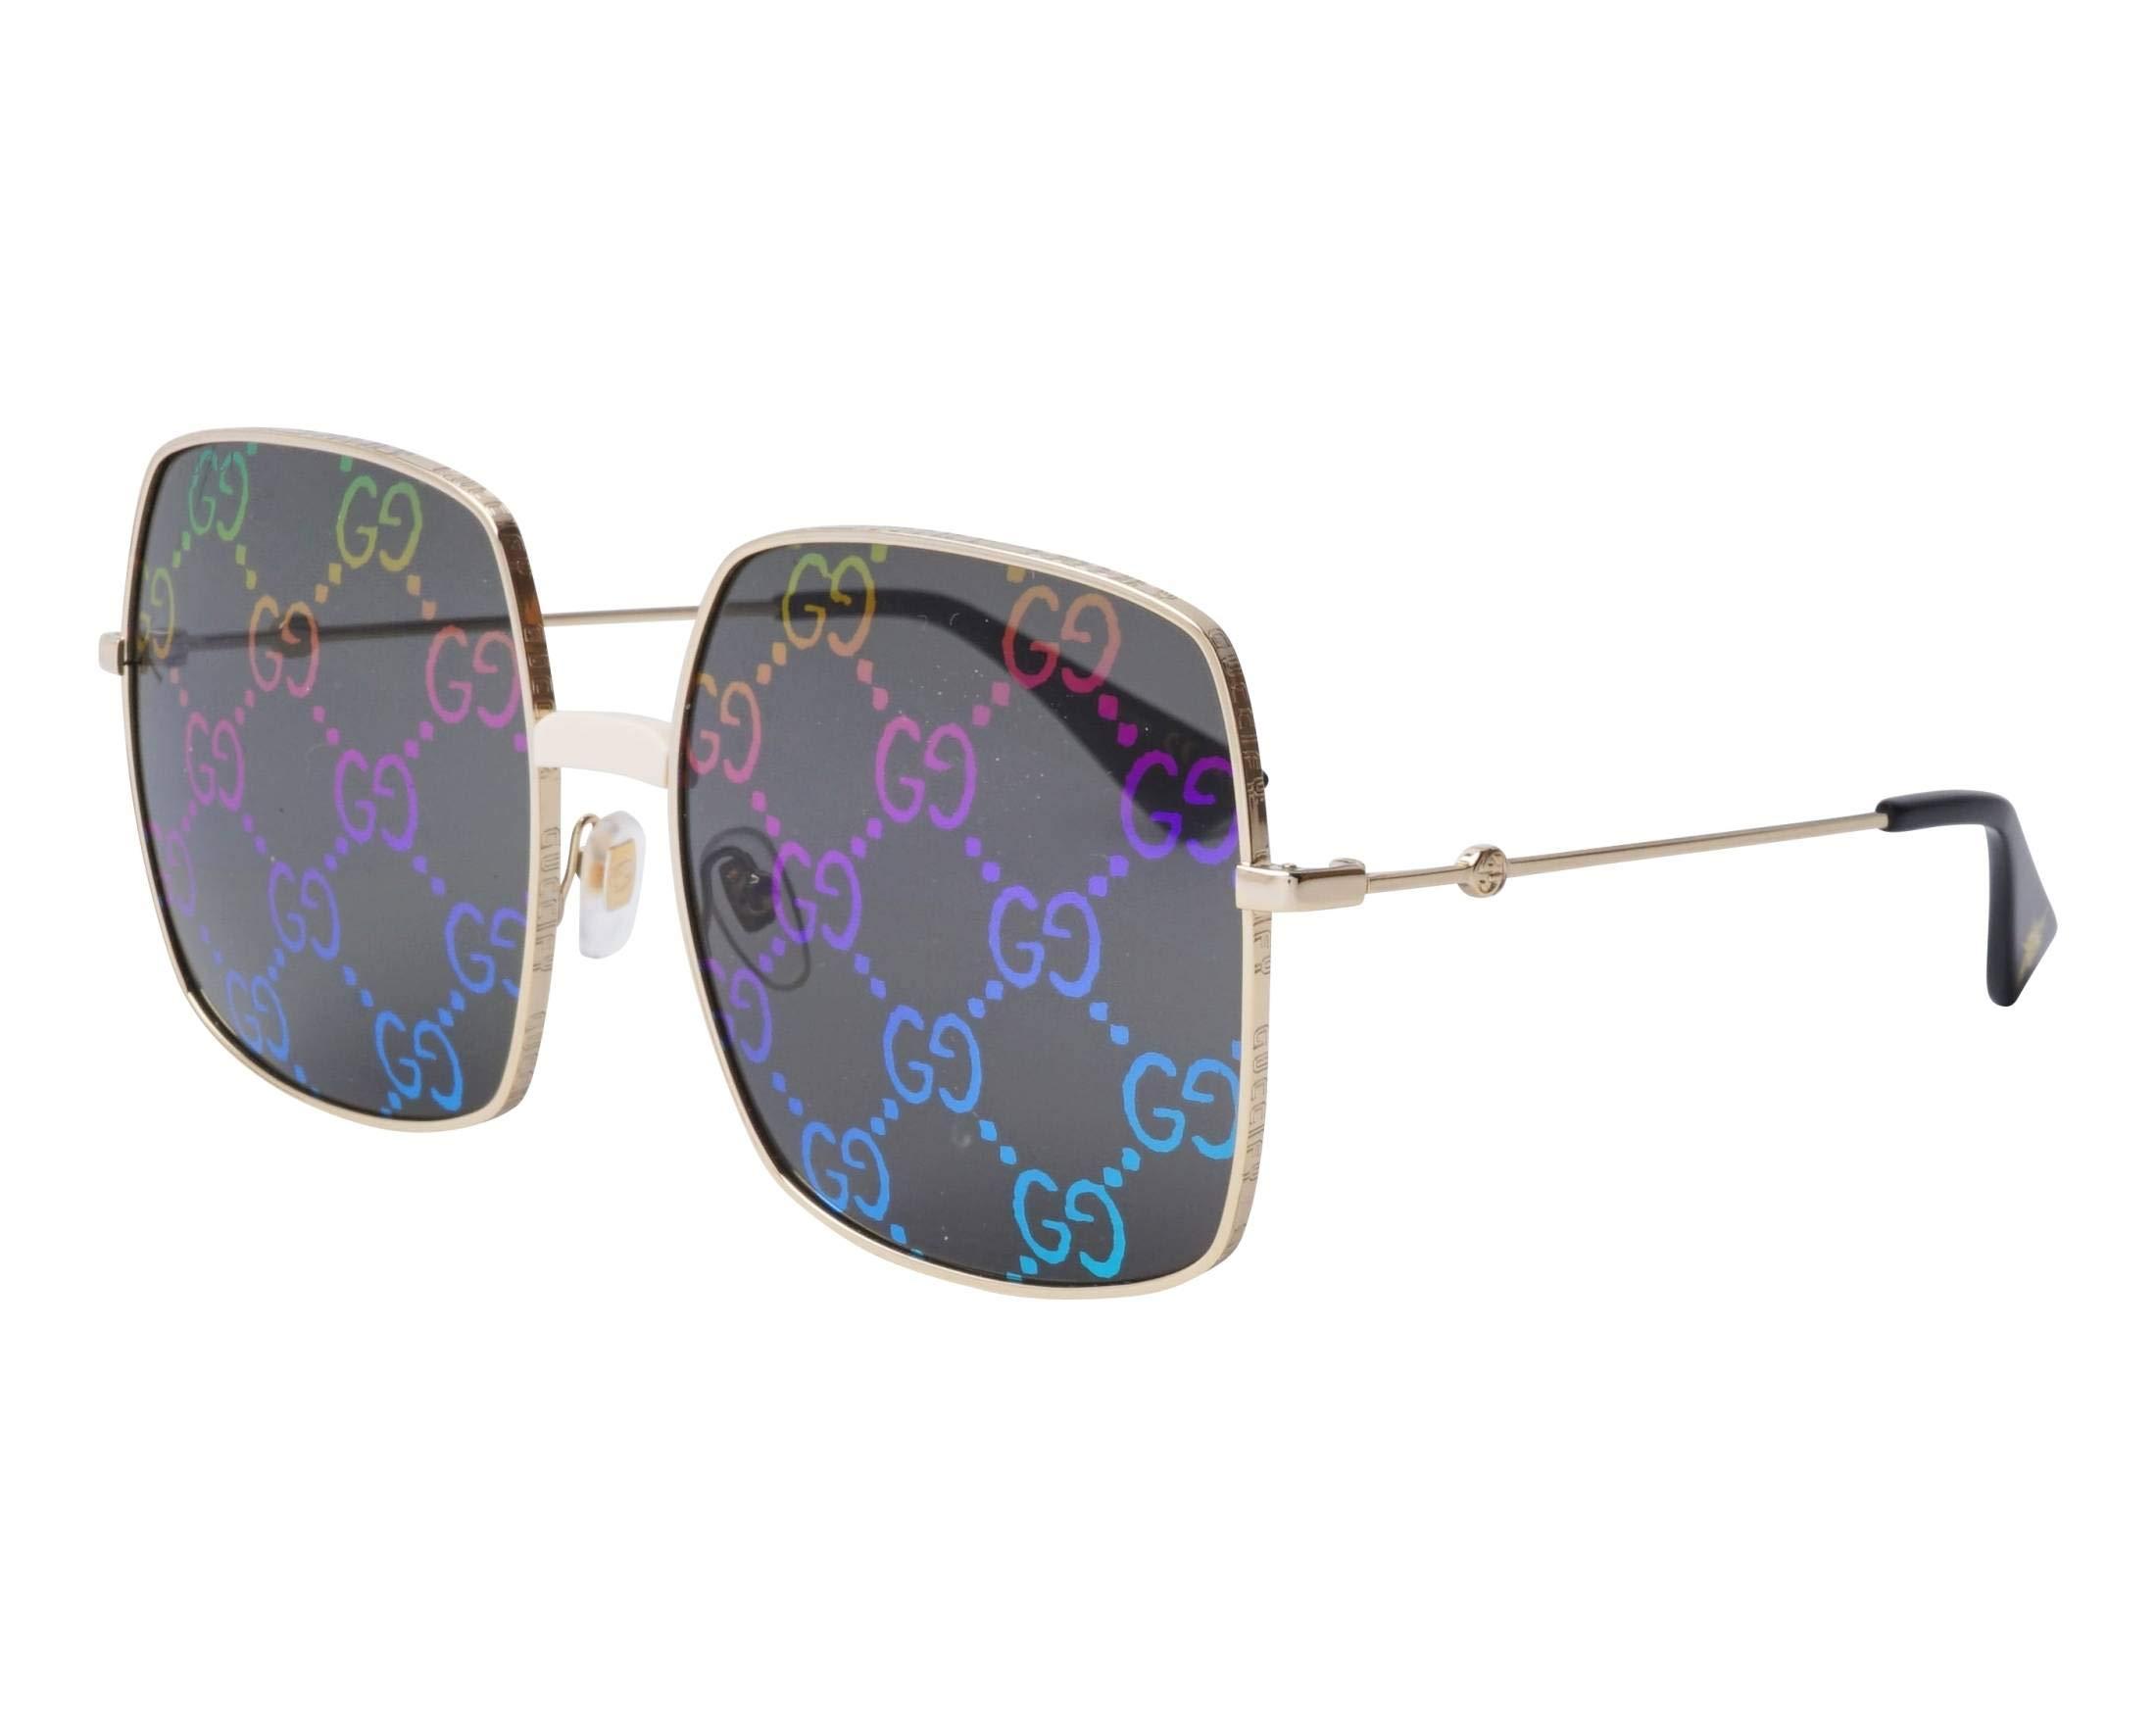 Sunglasses Gucci GG 0414 S- 003 GOLD/MULTICOLOR by Gucci